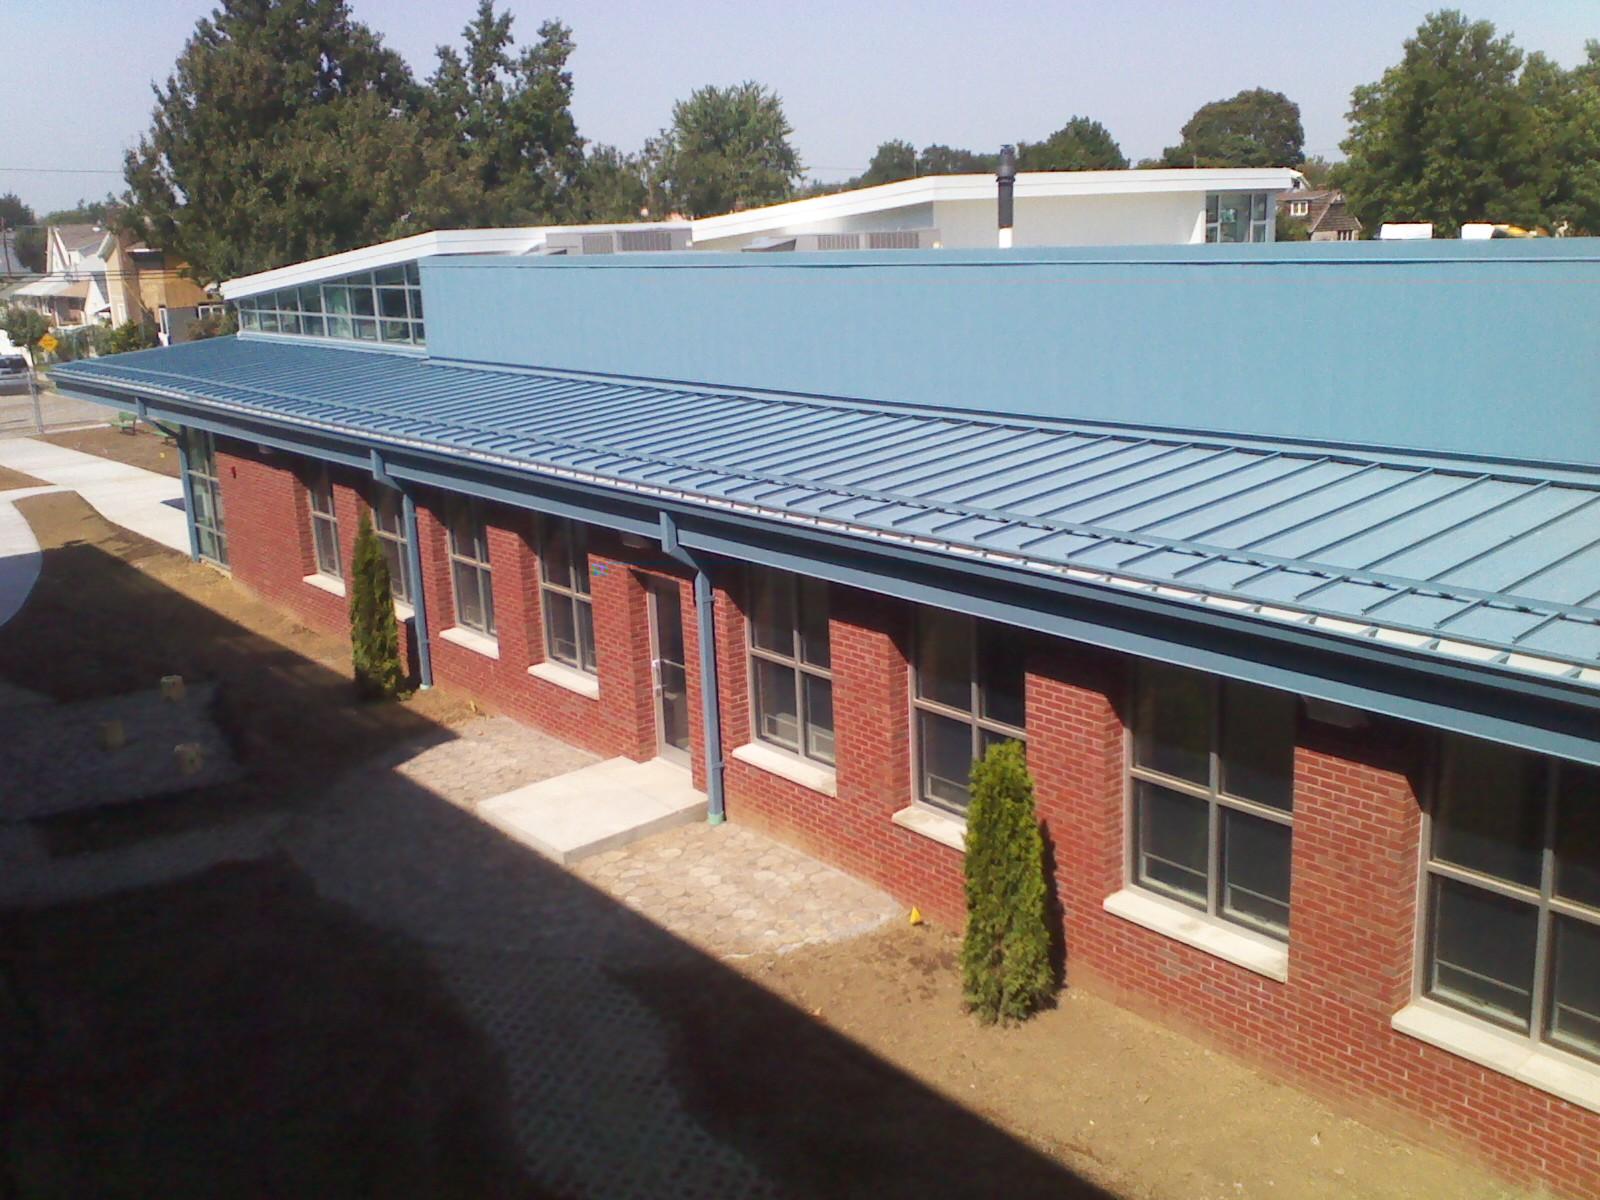 Mineola School